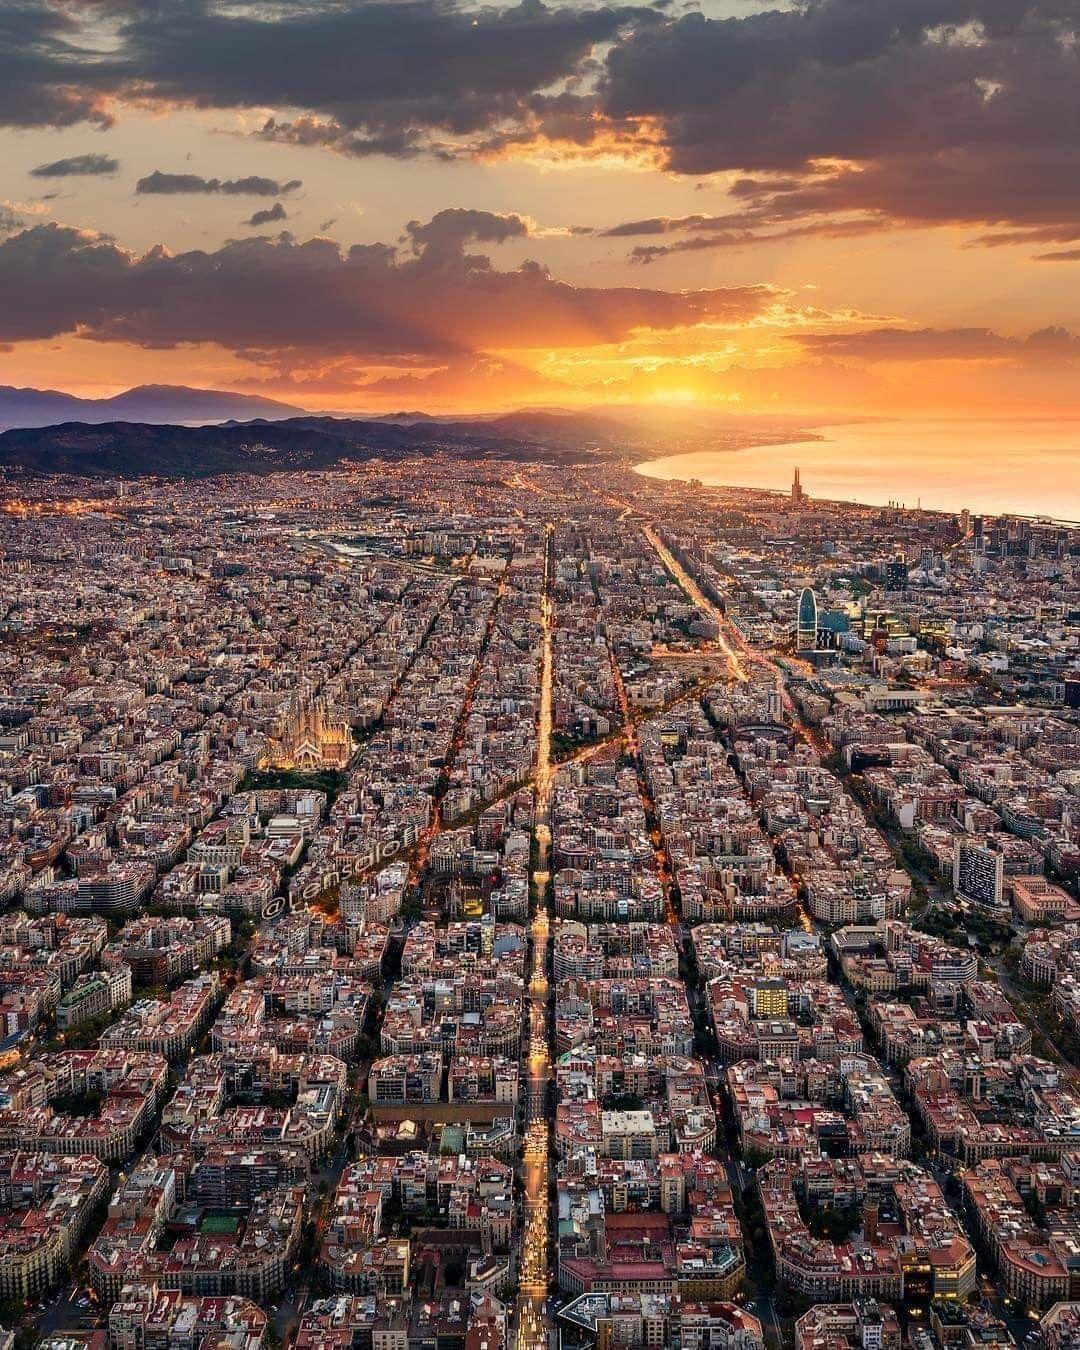 Pin Von Barbara Rathmanner Auf Arte Barcelona Spanien Barcelona Spanien